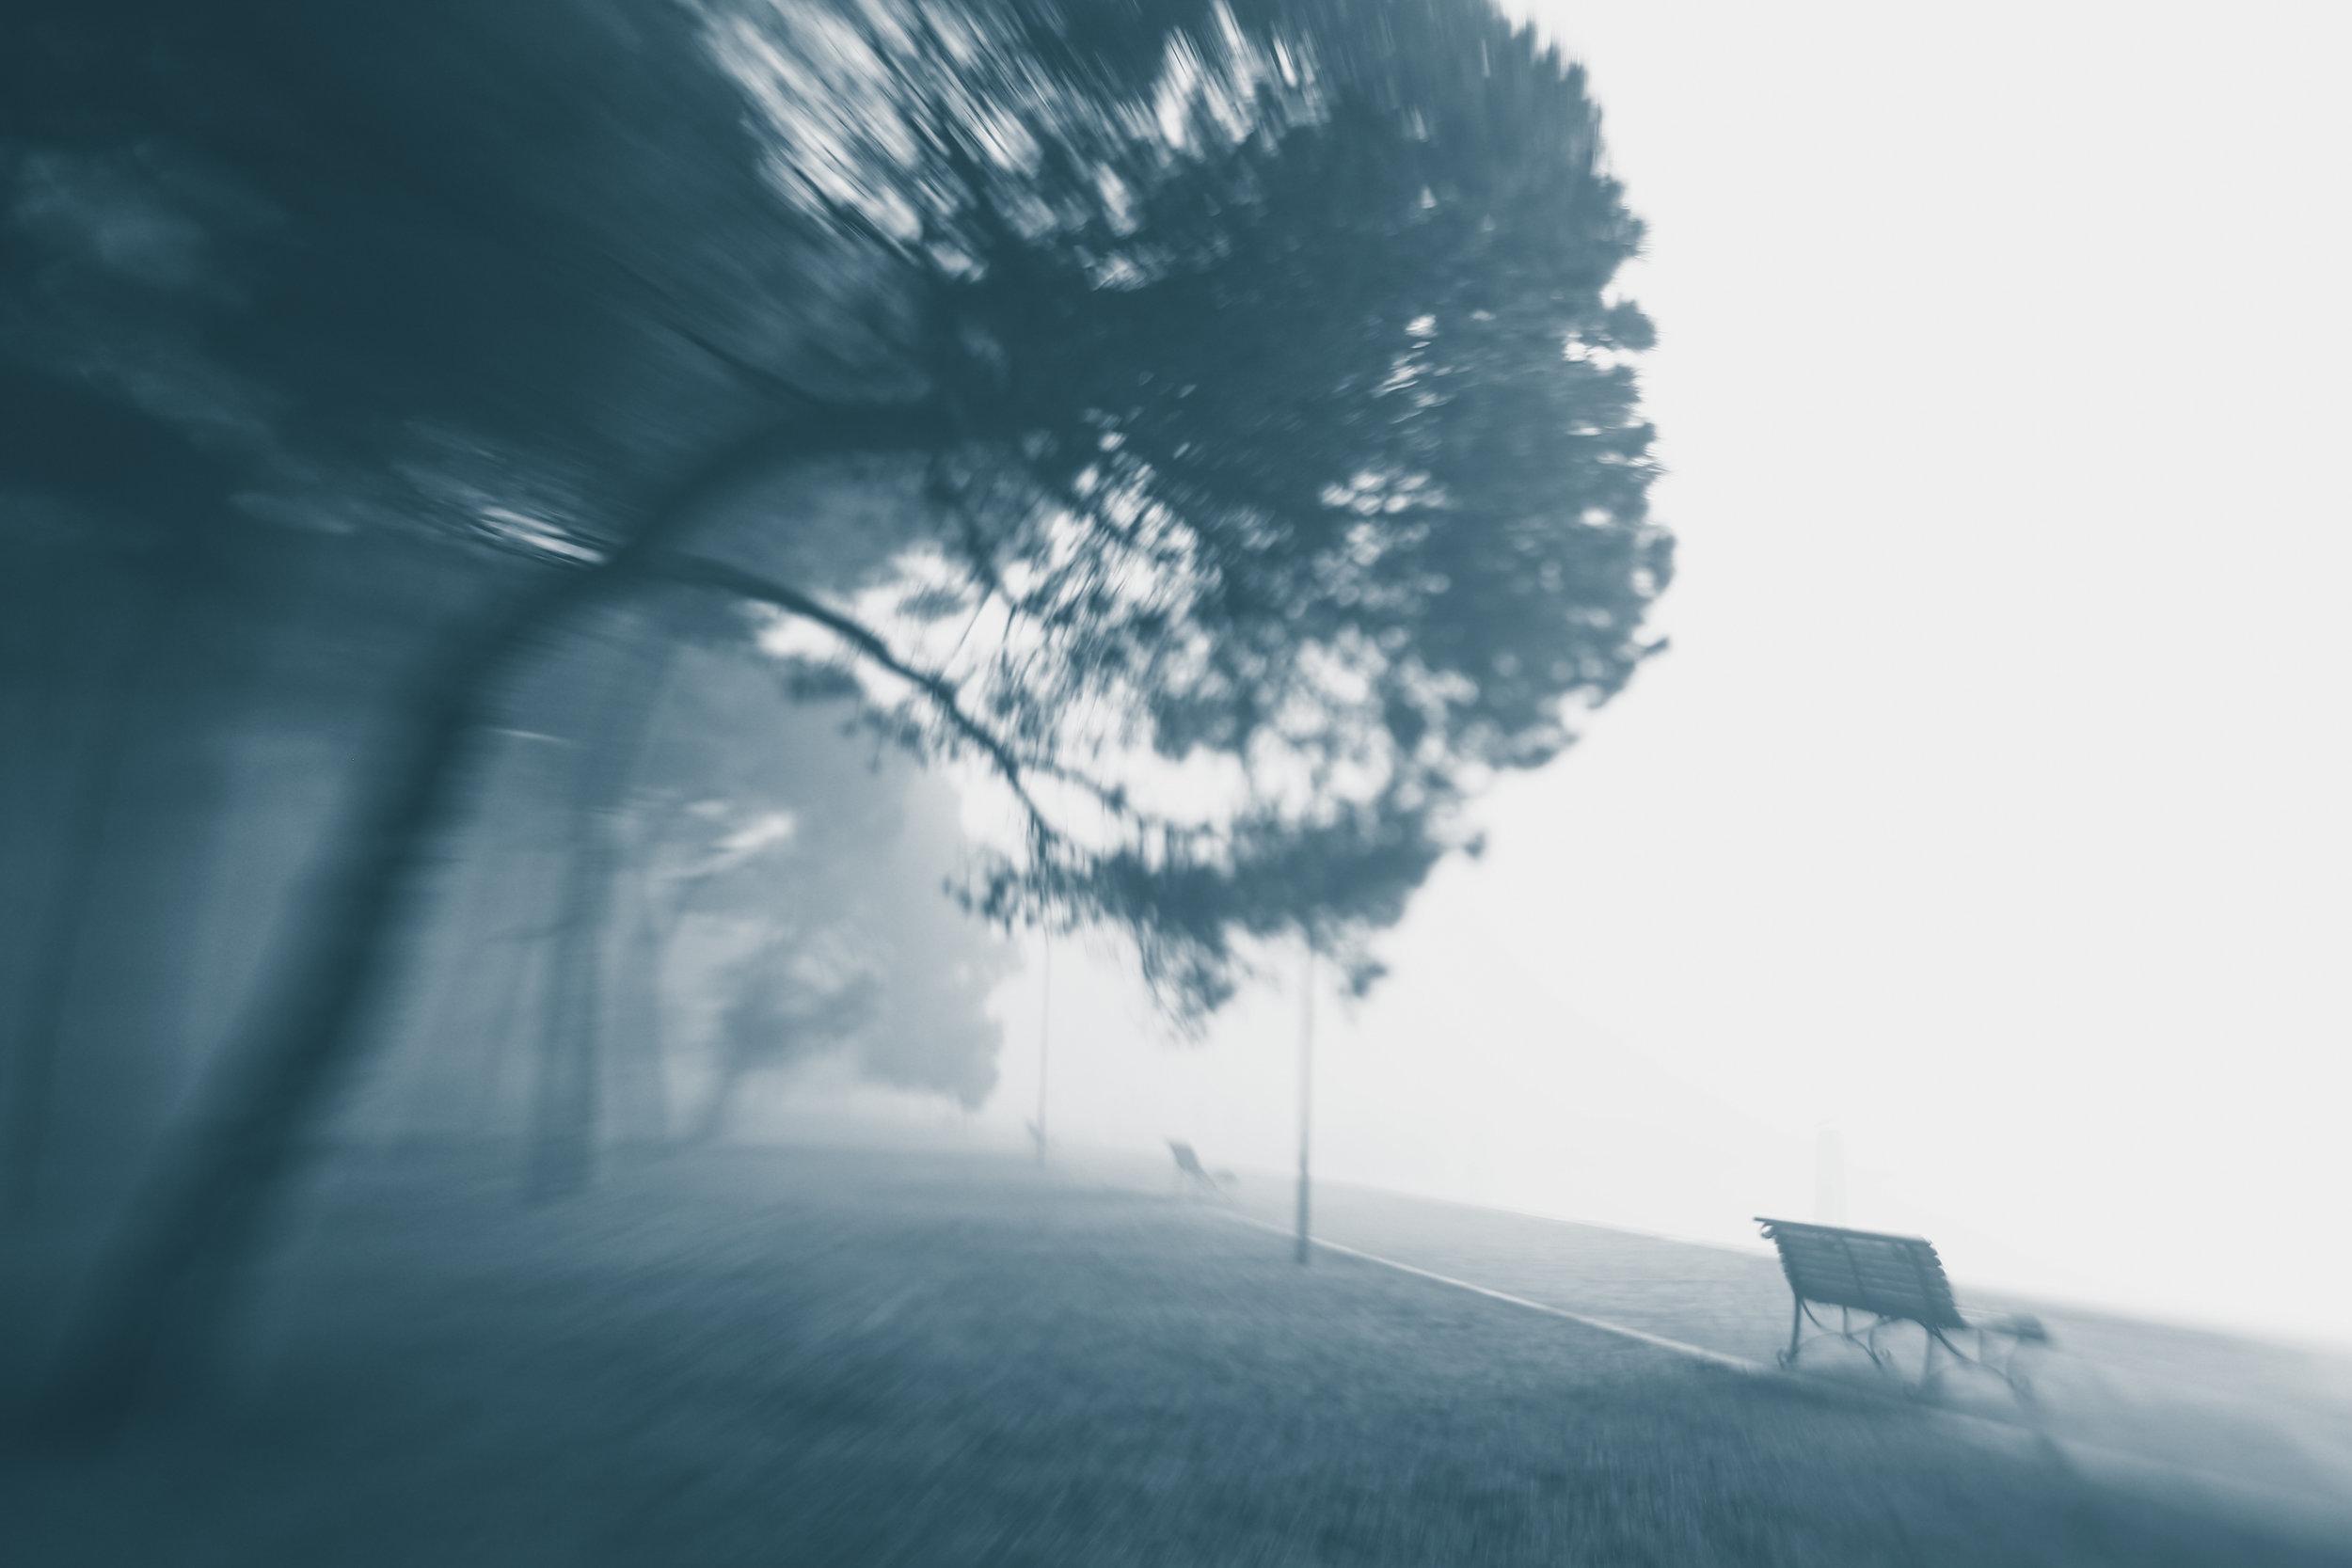 20181229_veniceLB_castello_fog-82.jpg